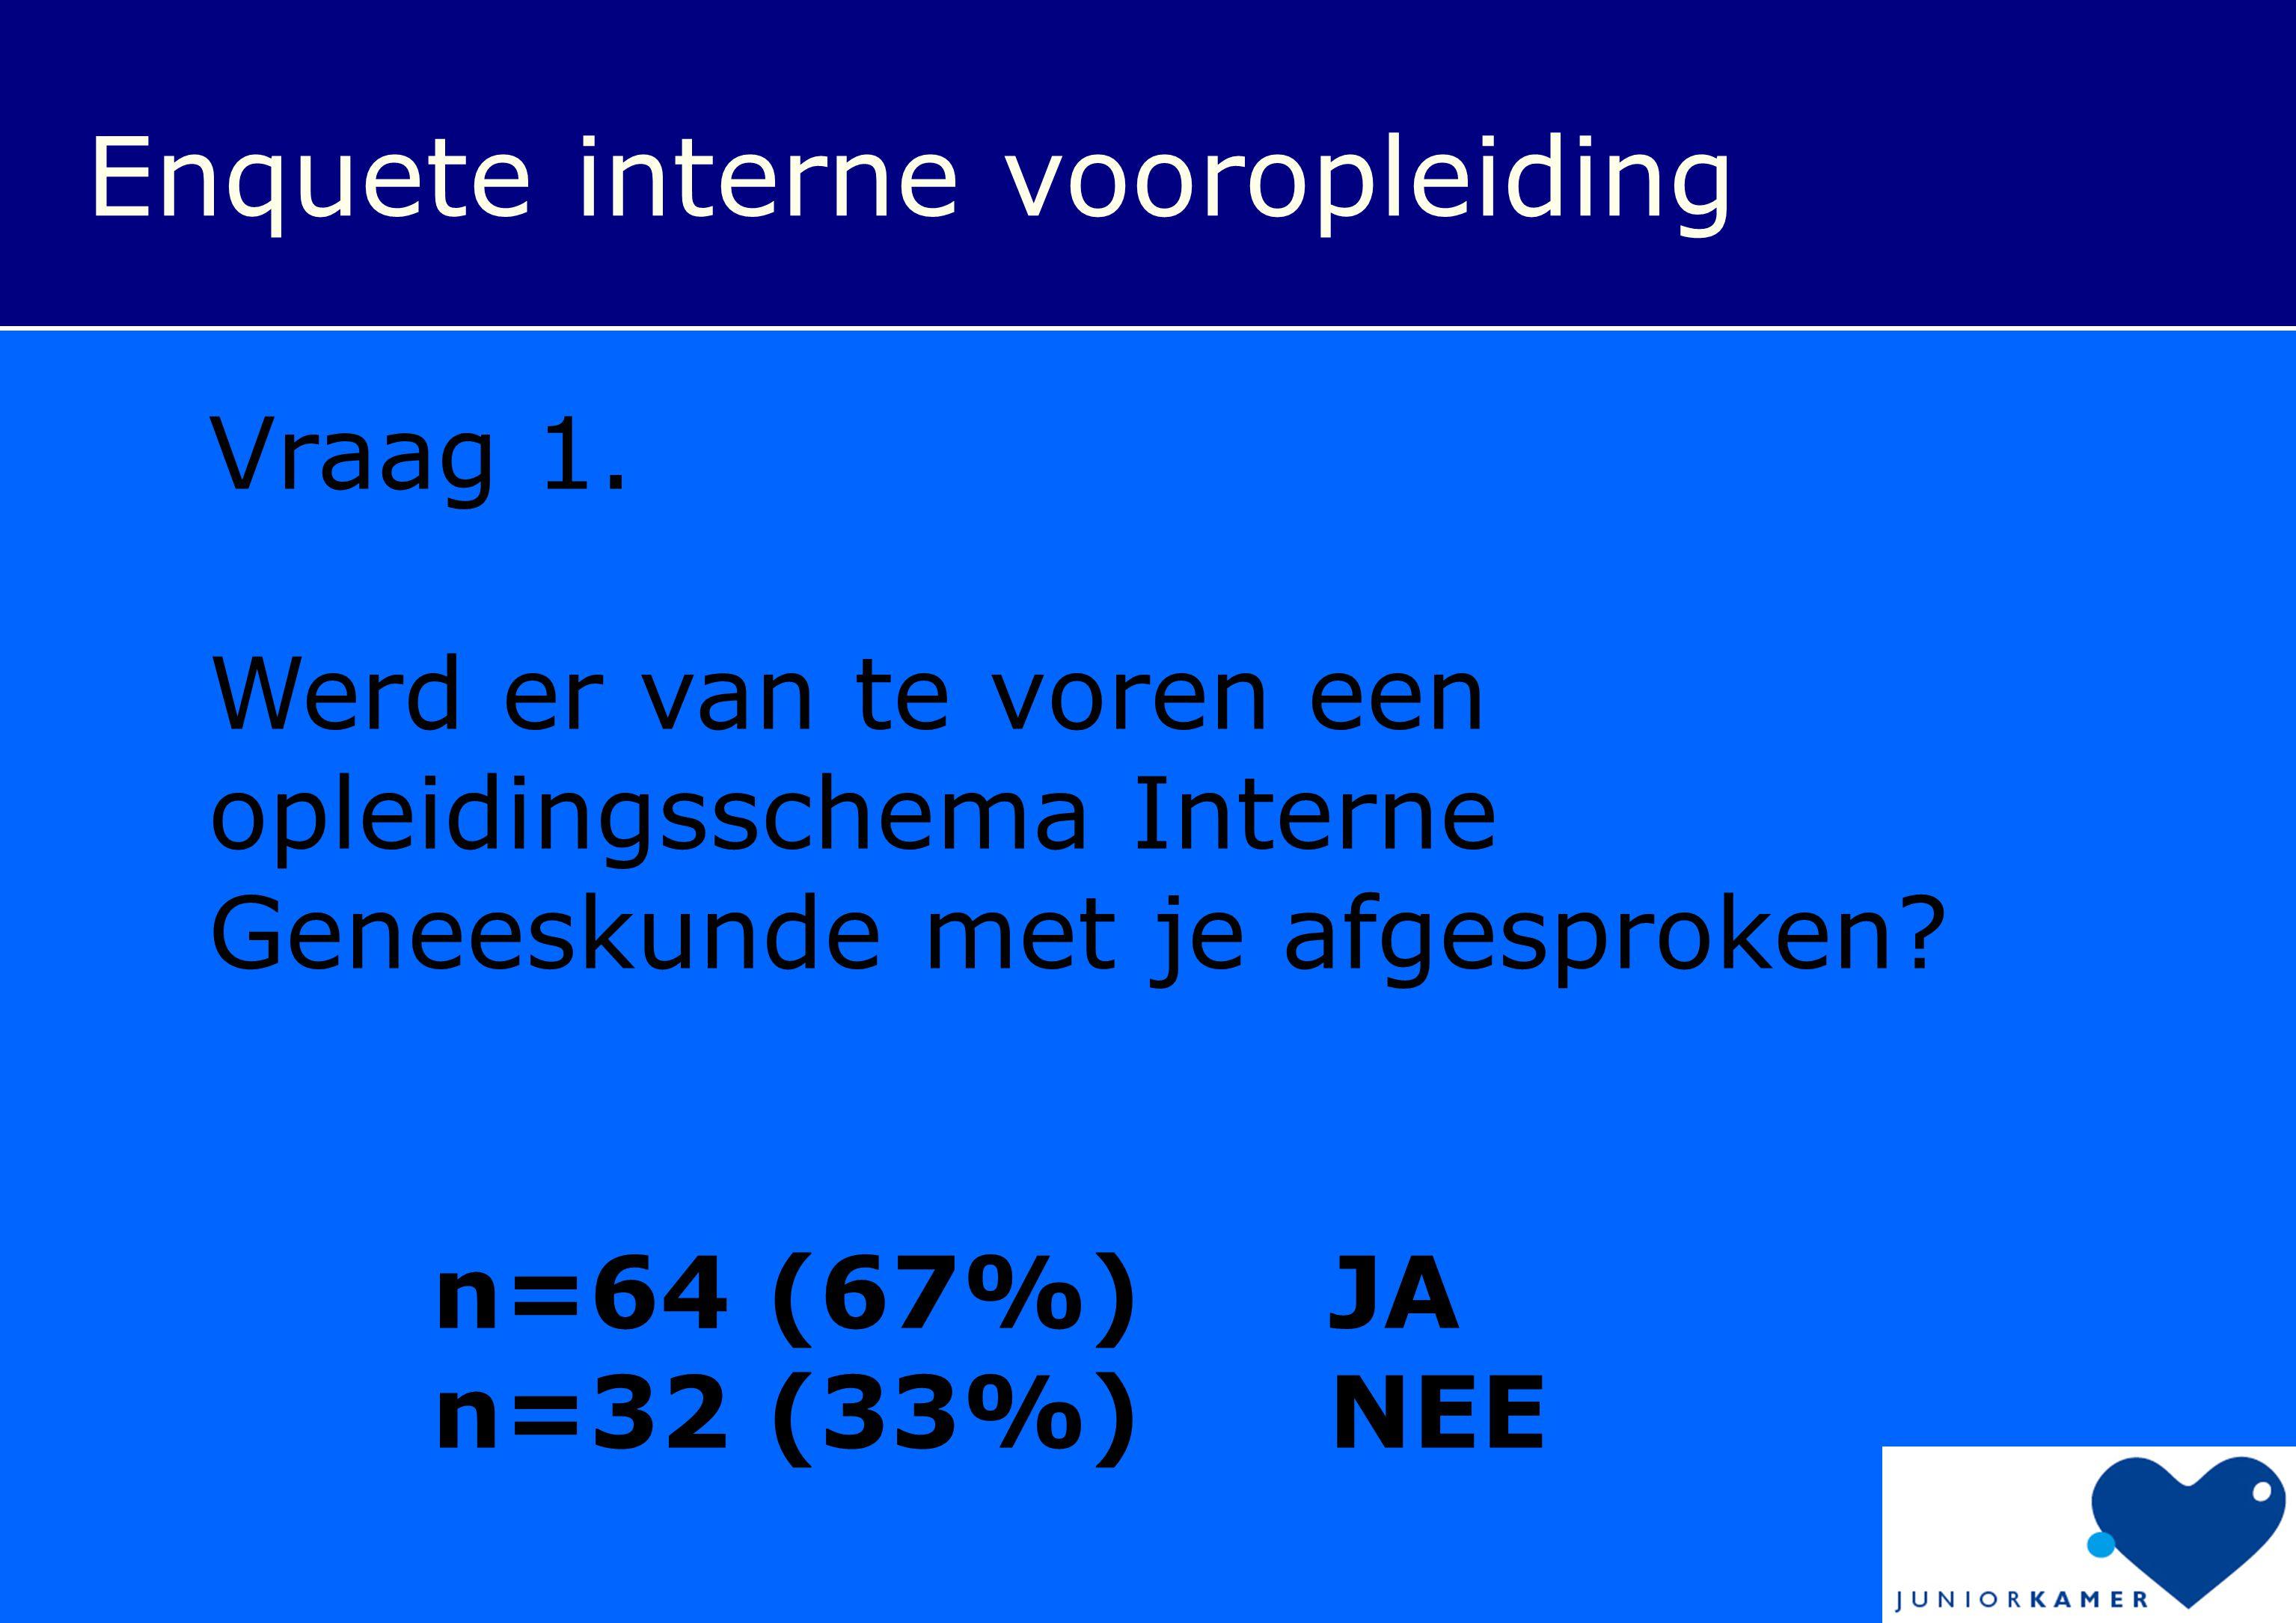 Vraag 1. Werd er van te voren een opleidingsschema Interne Geneeskunde met je afgesproken? n=64 (67%)JA n=32 (33%)NEE